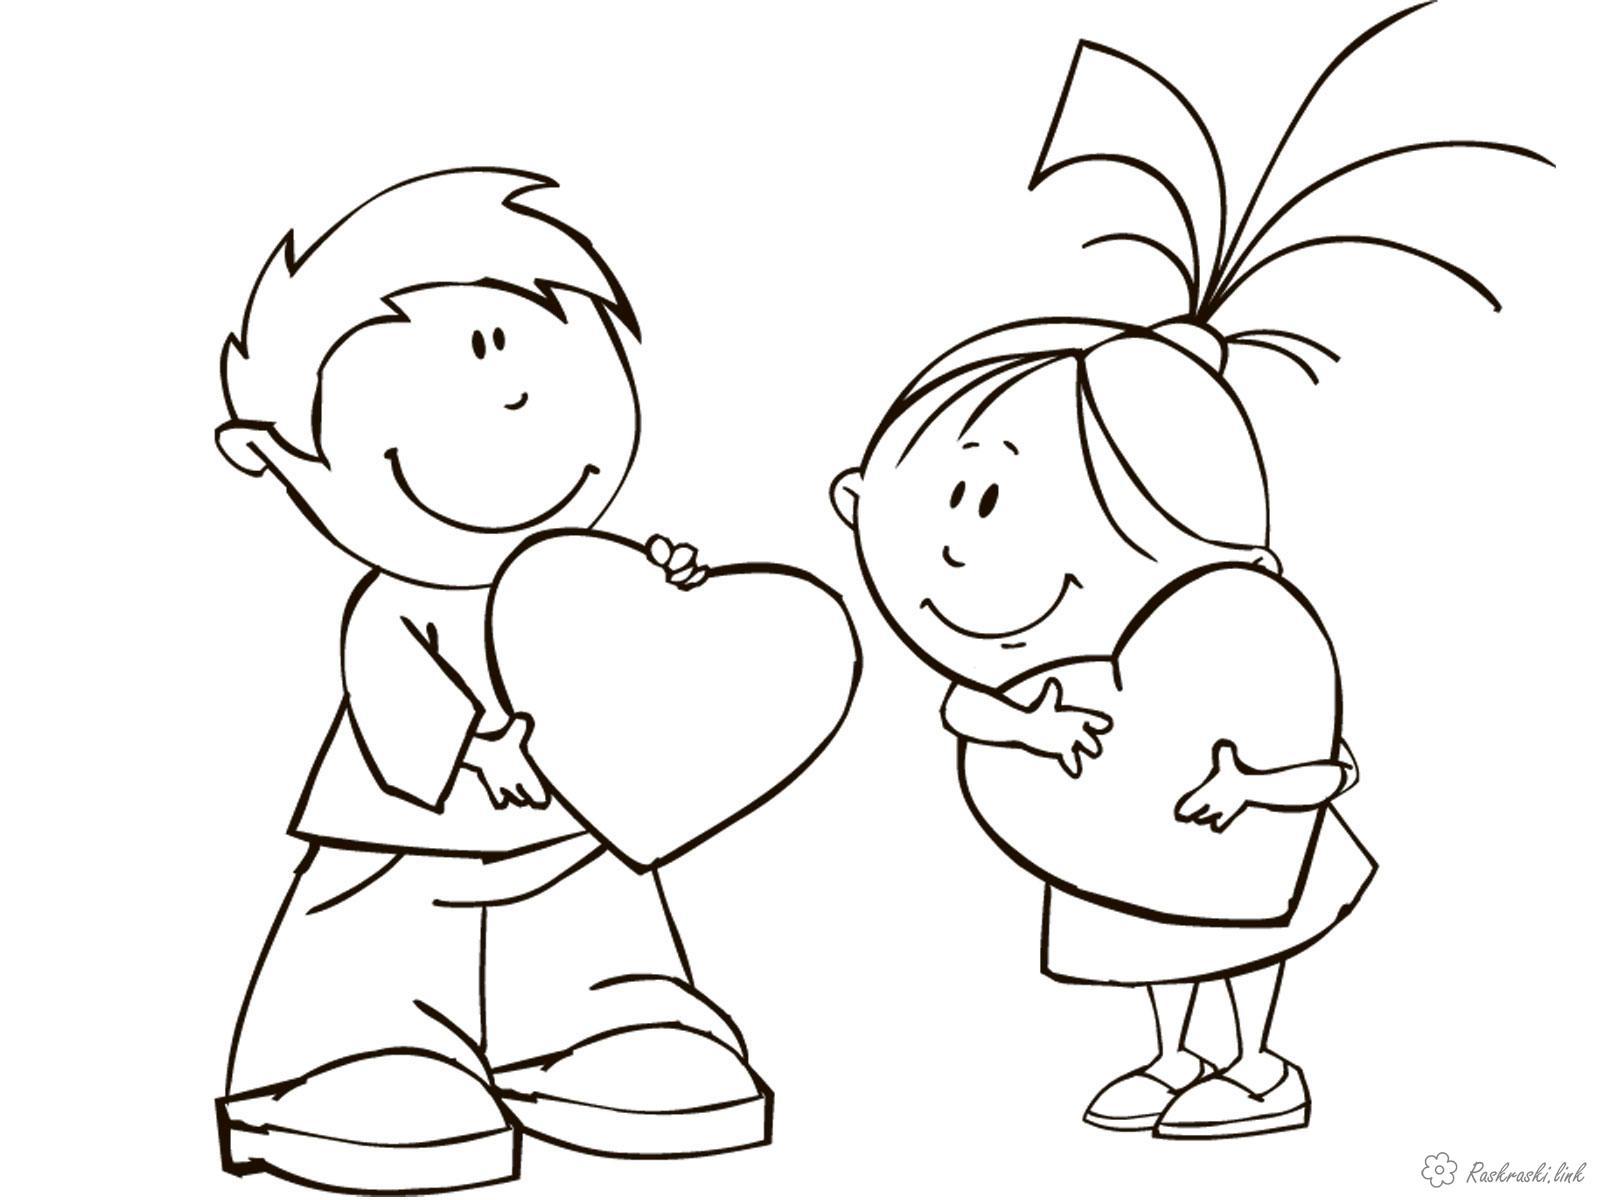 Розмальовки дівчинка хлопчик, дівчинка, сердечка